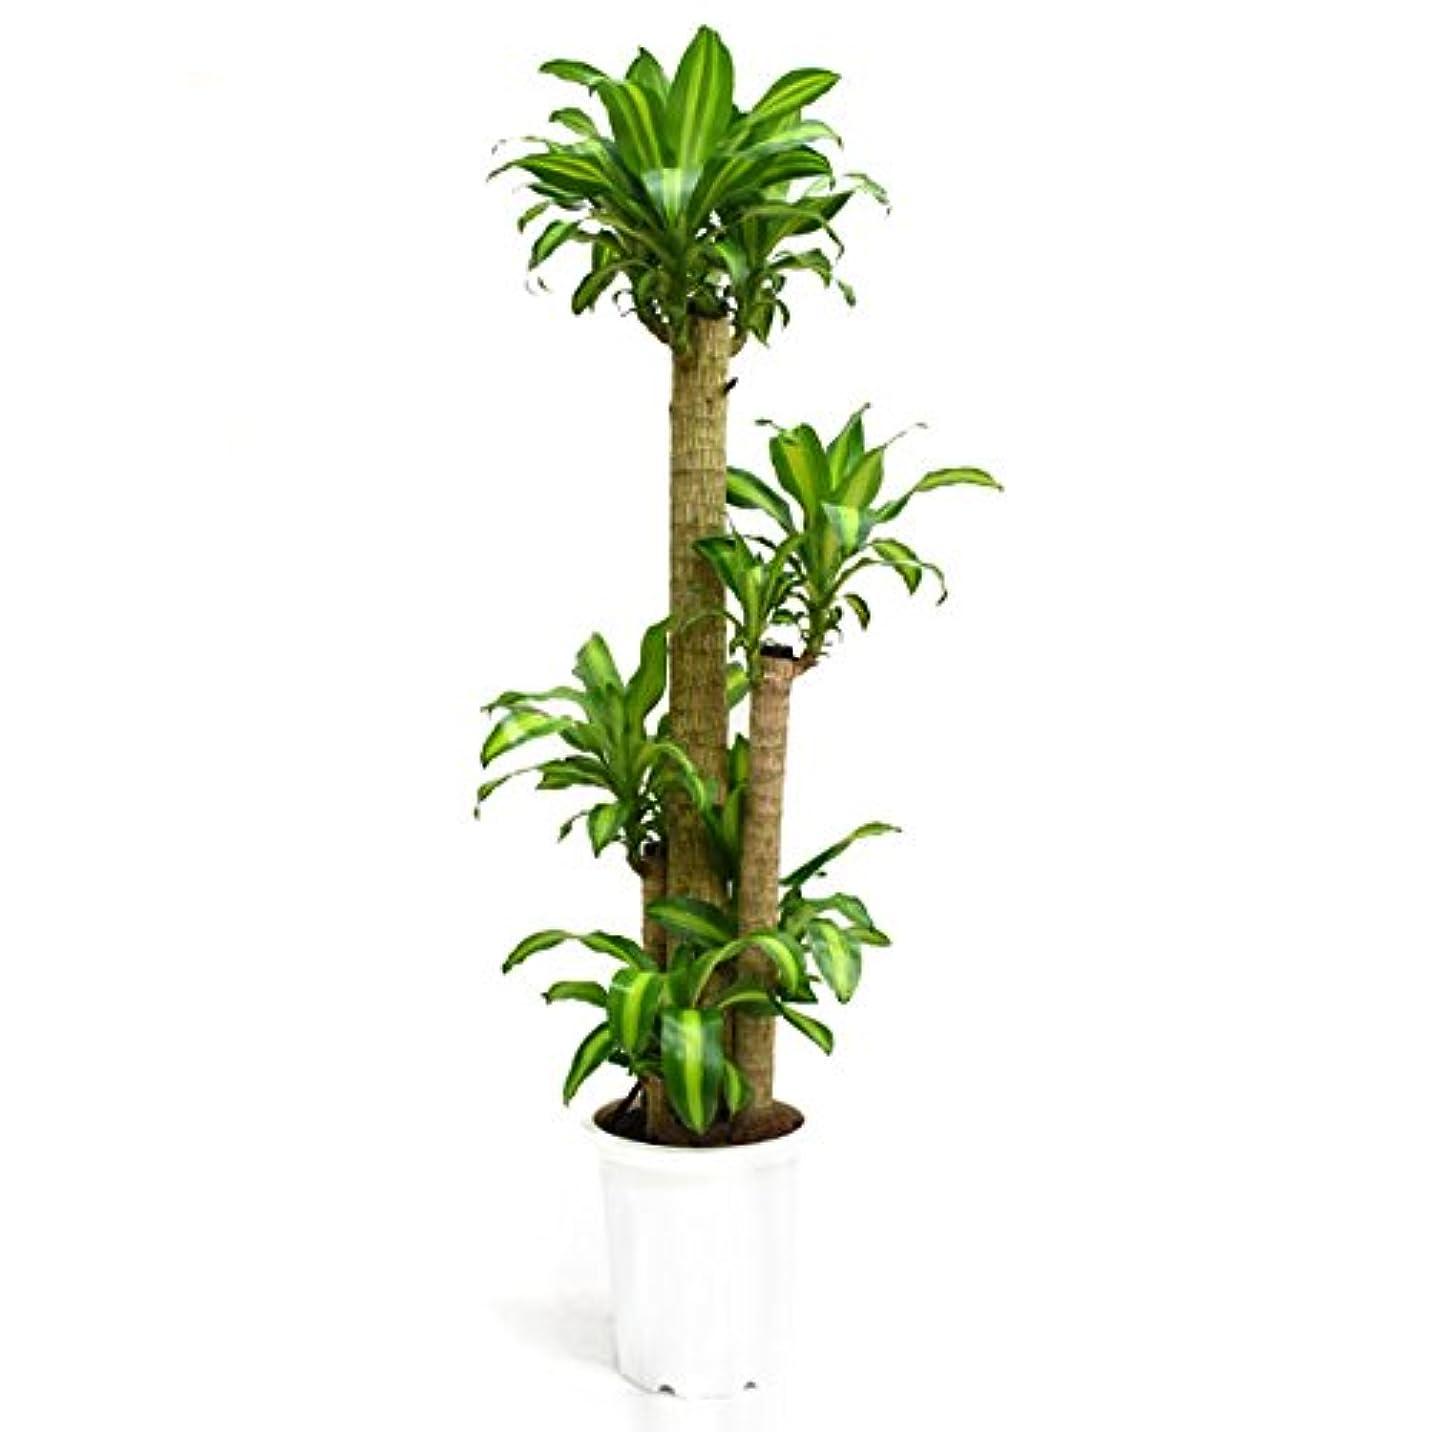 感嘆土器取り替える【装飾バークプレゼント】別名「幸福の木」 ドラセナ マッサン 大型10号